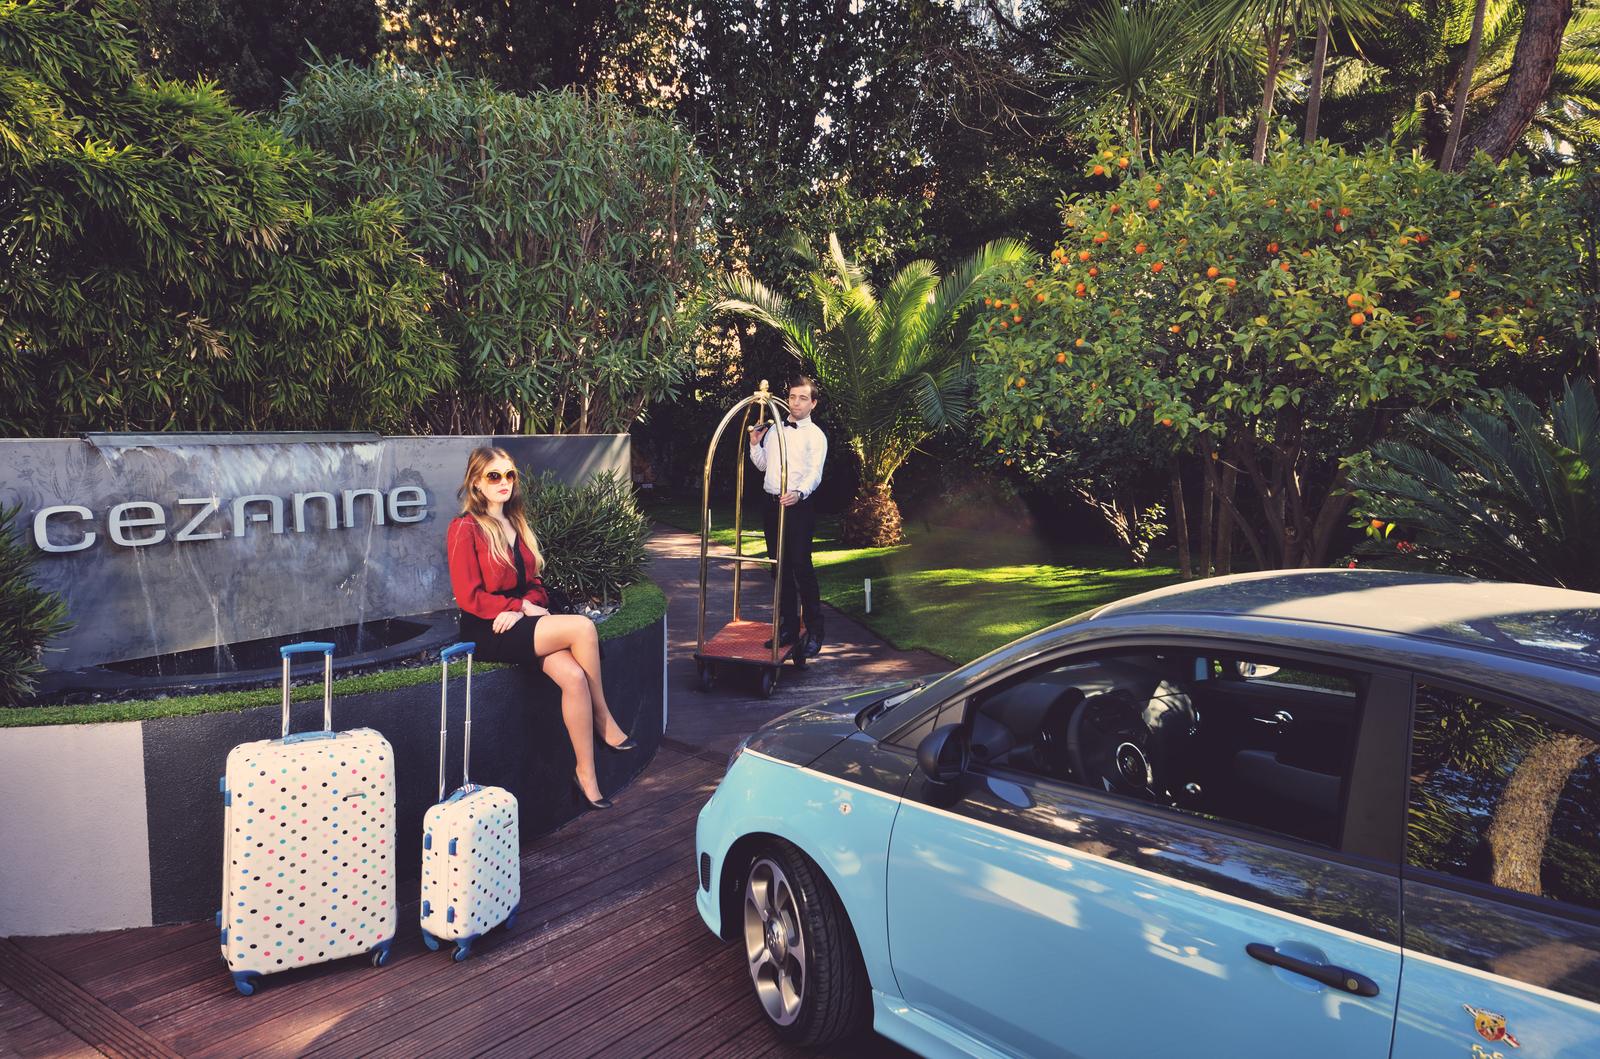 Hotel cezanne à Cannes